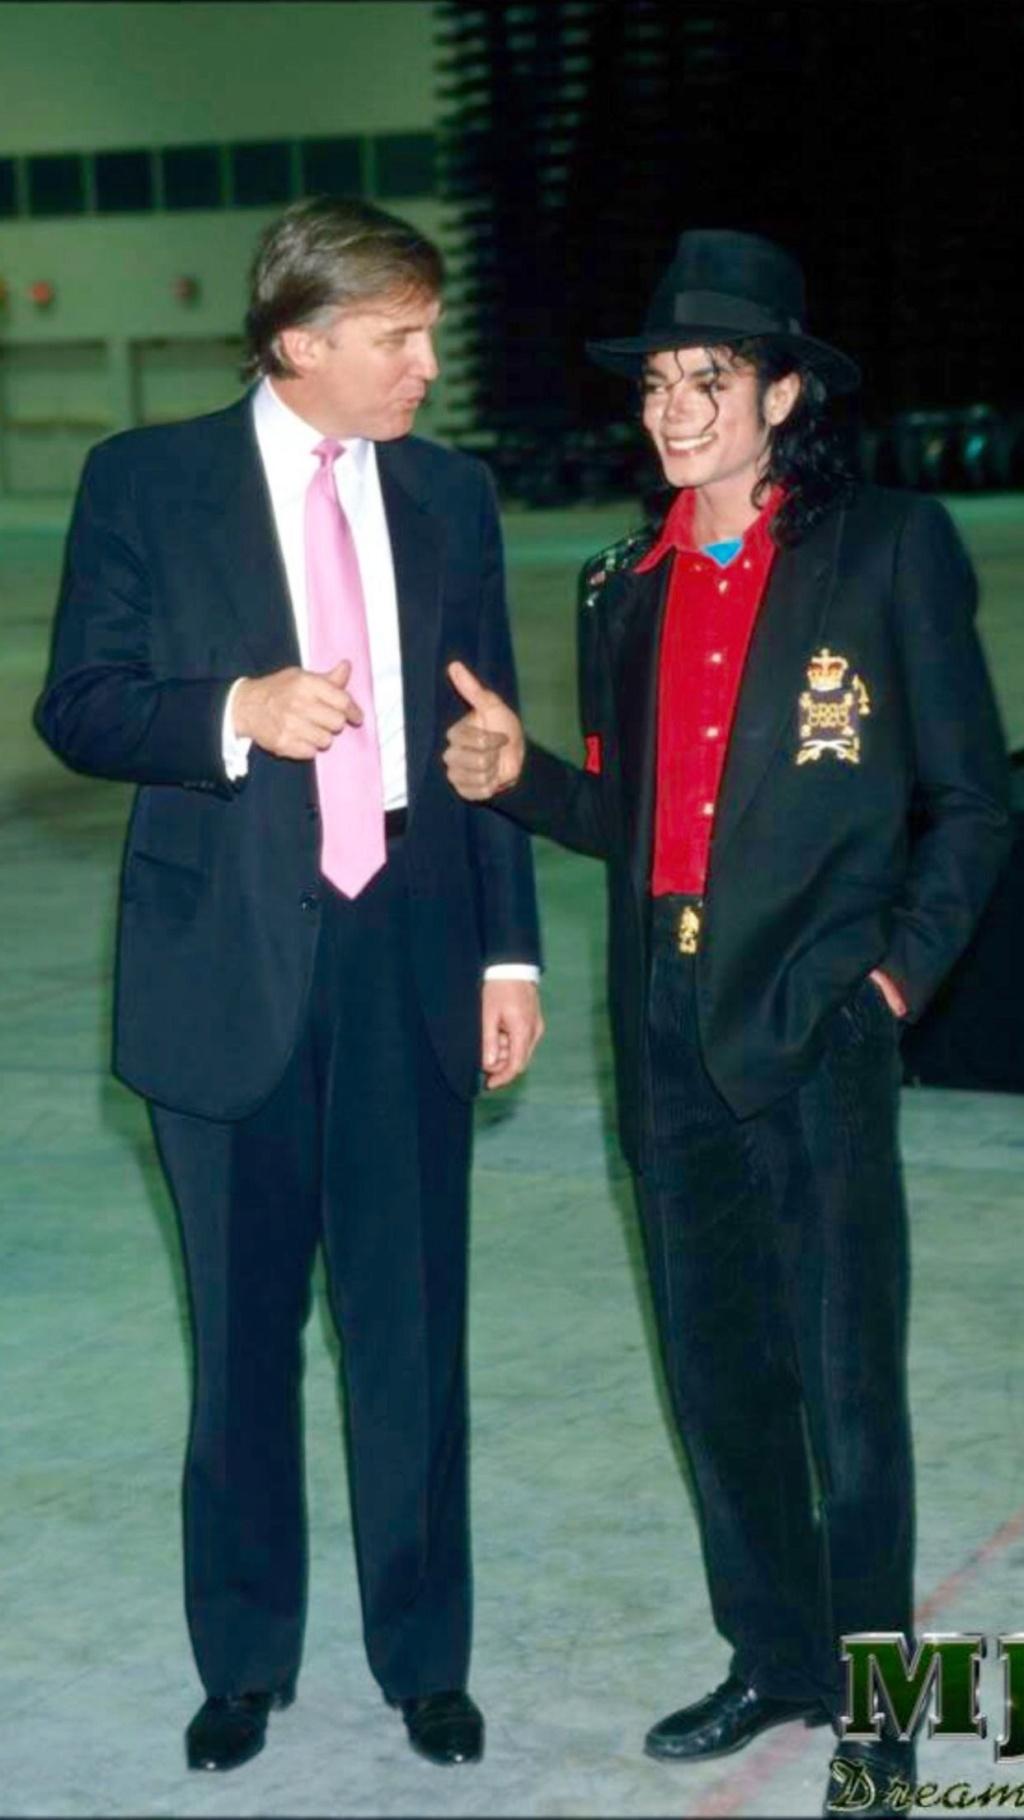 ¿Cuánto mide Donald Trump? - Estatura real y peso - Real height and weight - Página 6 Save_270